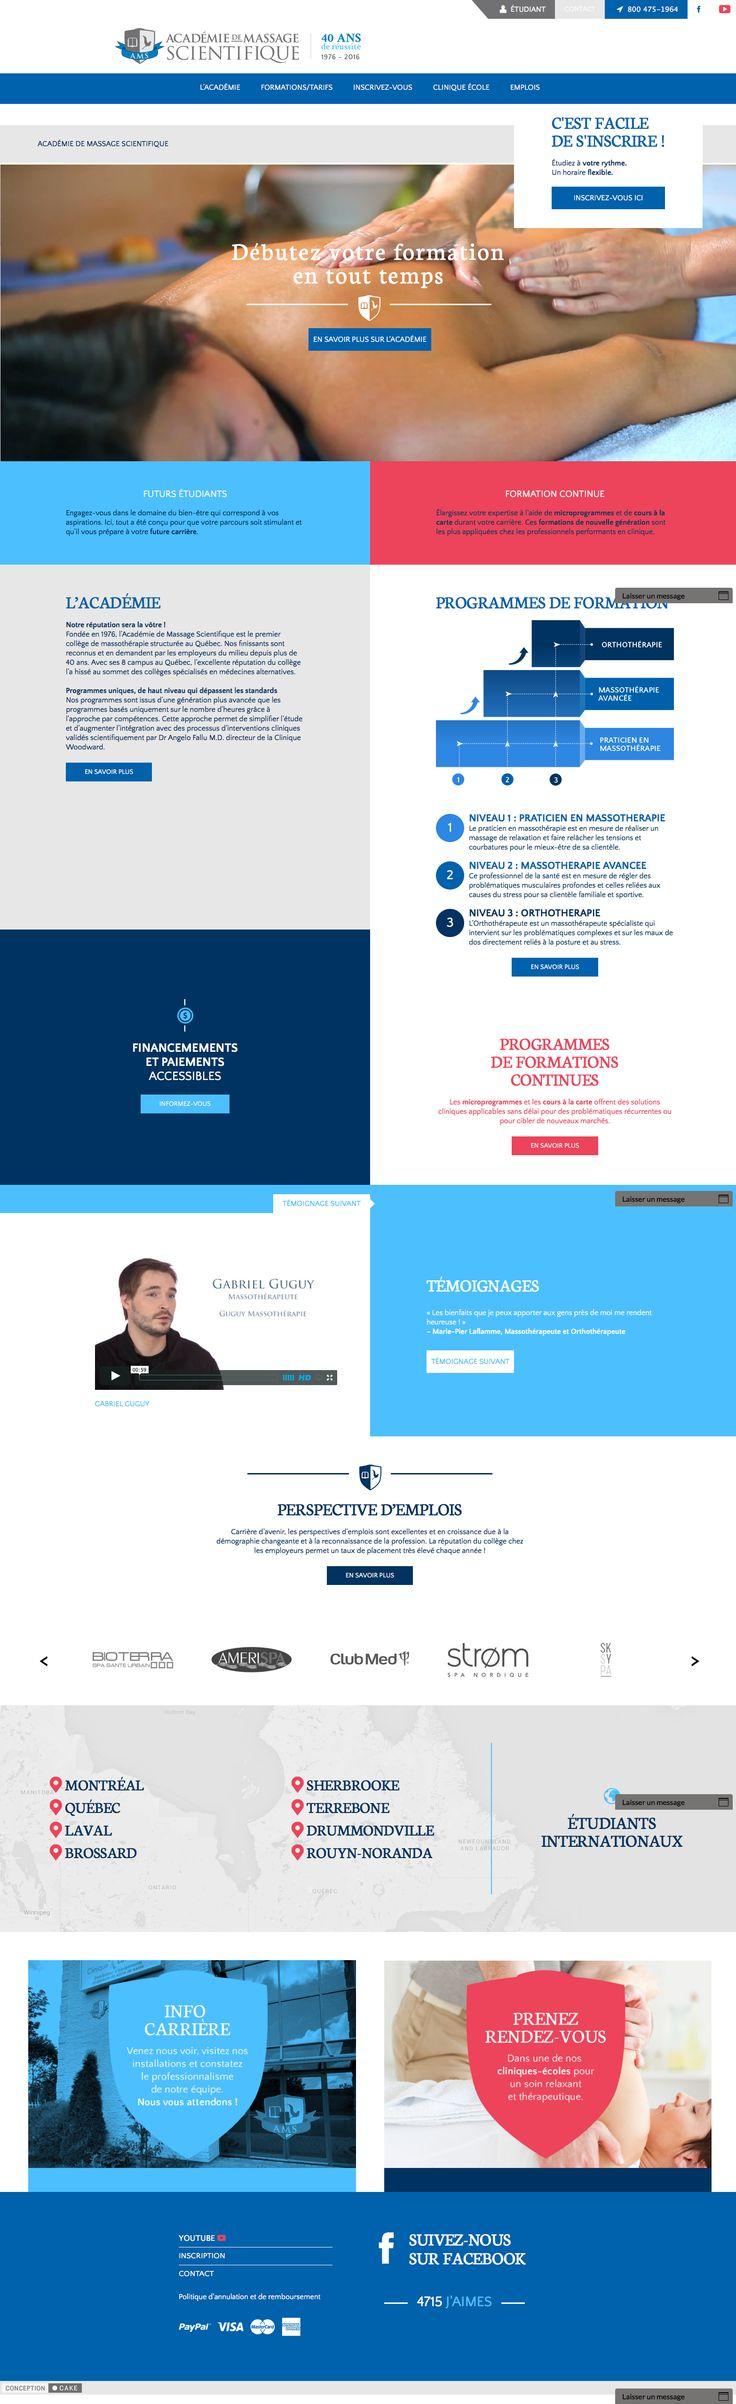 https://academiedemassage.com Conception du site Web de l'Académie de massage scientifique. Design, Website